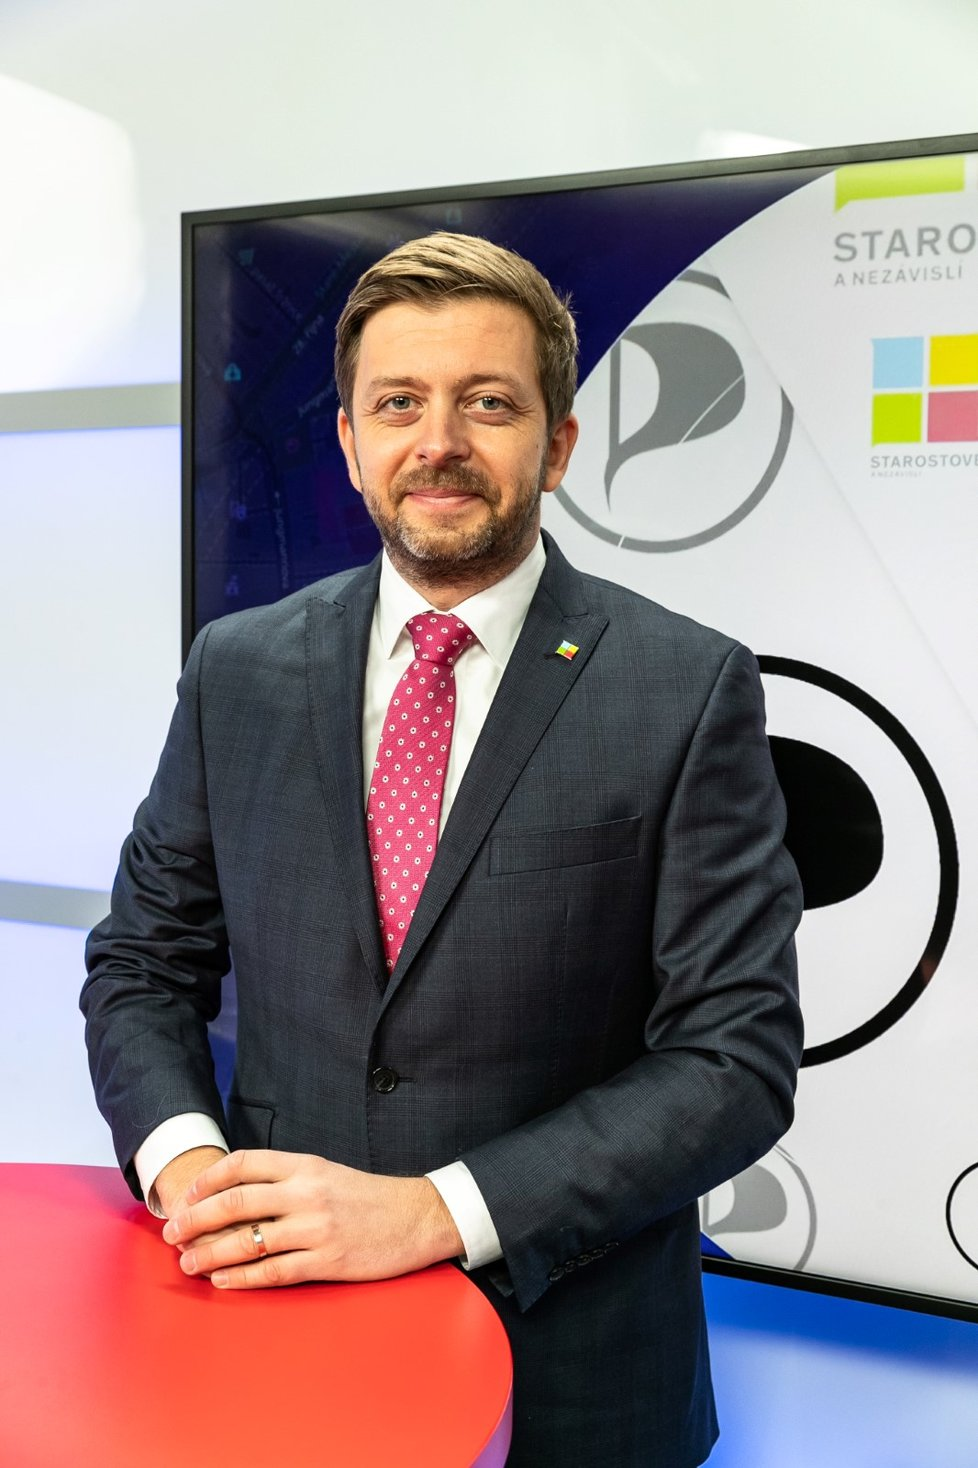 Předseda Starostů a nezávislých Vít Rakušan v Epicentru 19.1.2021